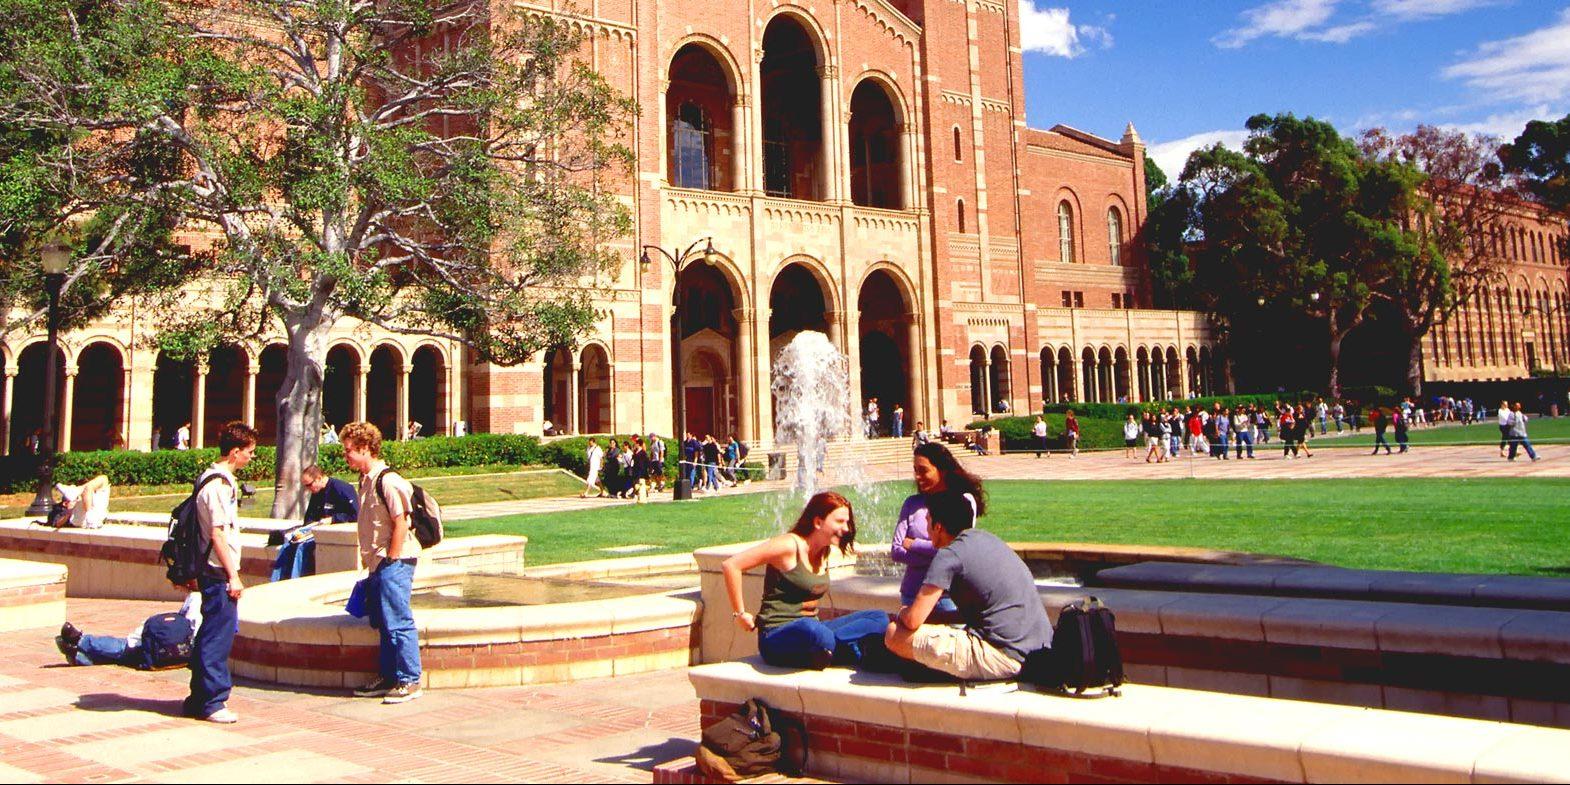 Калифорнийский университет в Лос-Анджелесе. Фото: аpstudynotes.org